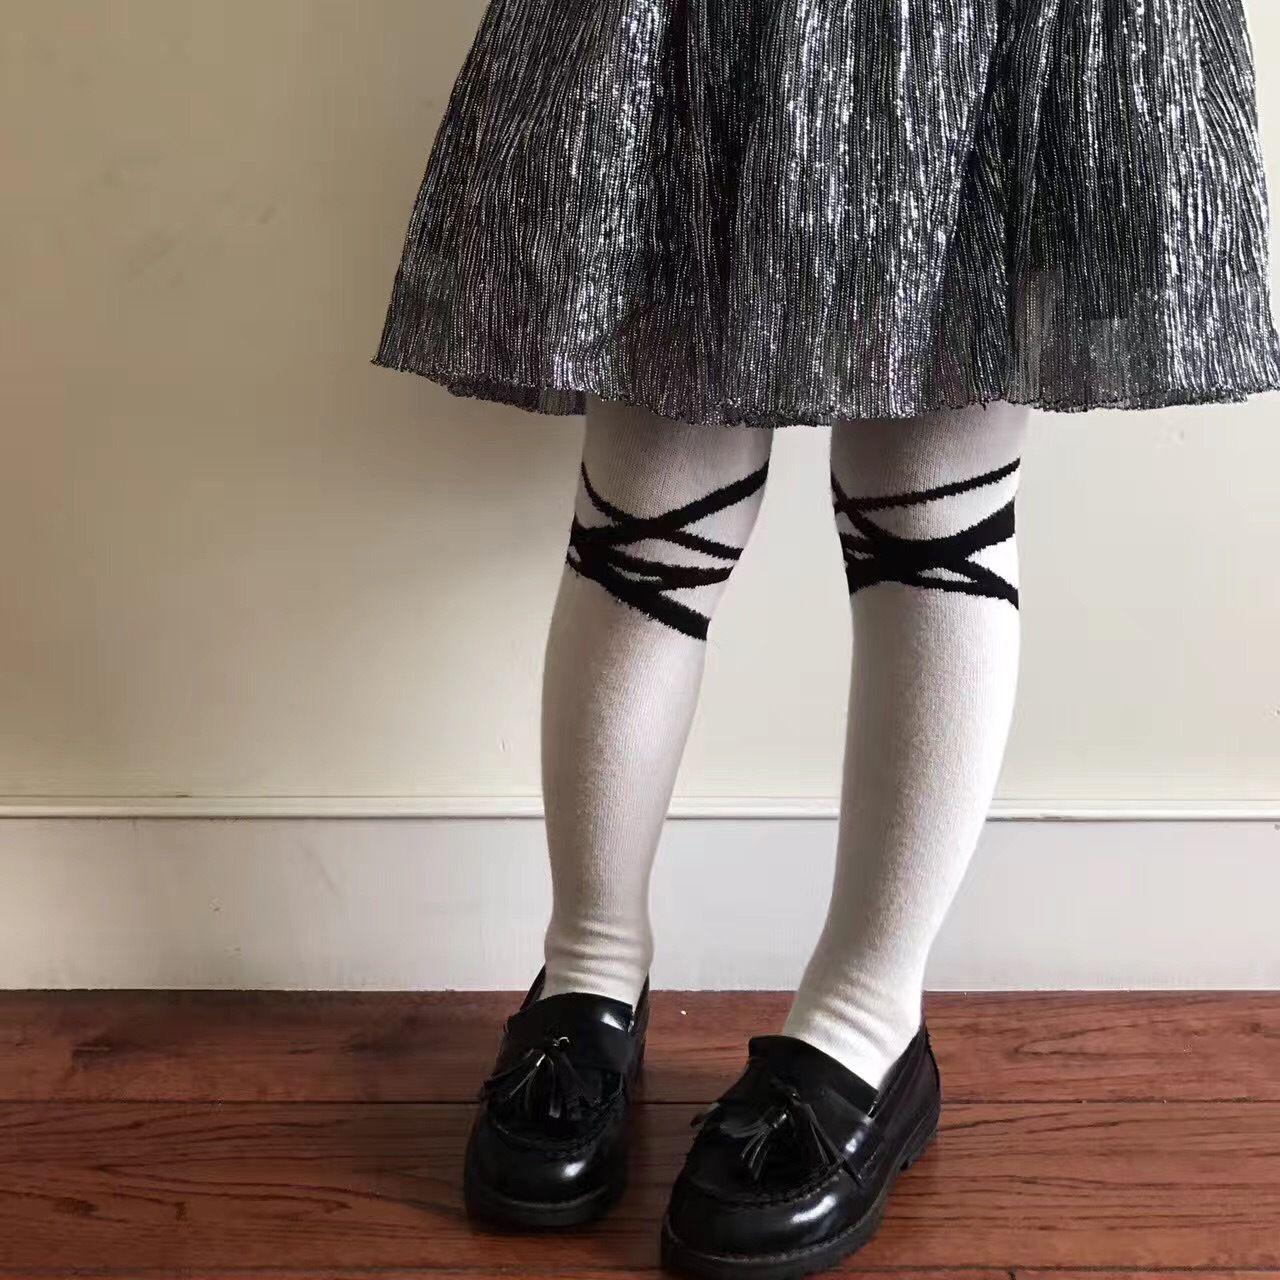 ... 2018 Nouvelle Mode Printemps Été Bambin Enfants Enfant Coton Tricoté  Chaussettes Bébé Fille Irrégulière Lignes Abstraites Leggings Pantalons  Collants De ... 15f0fb0d129